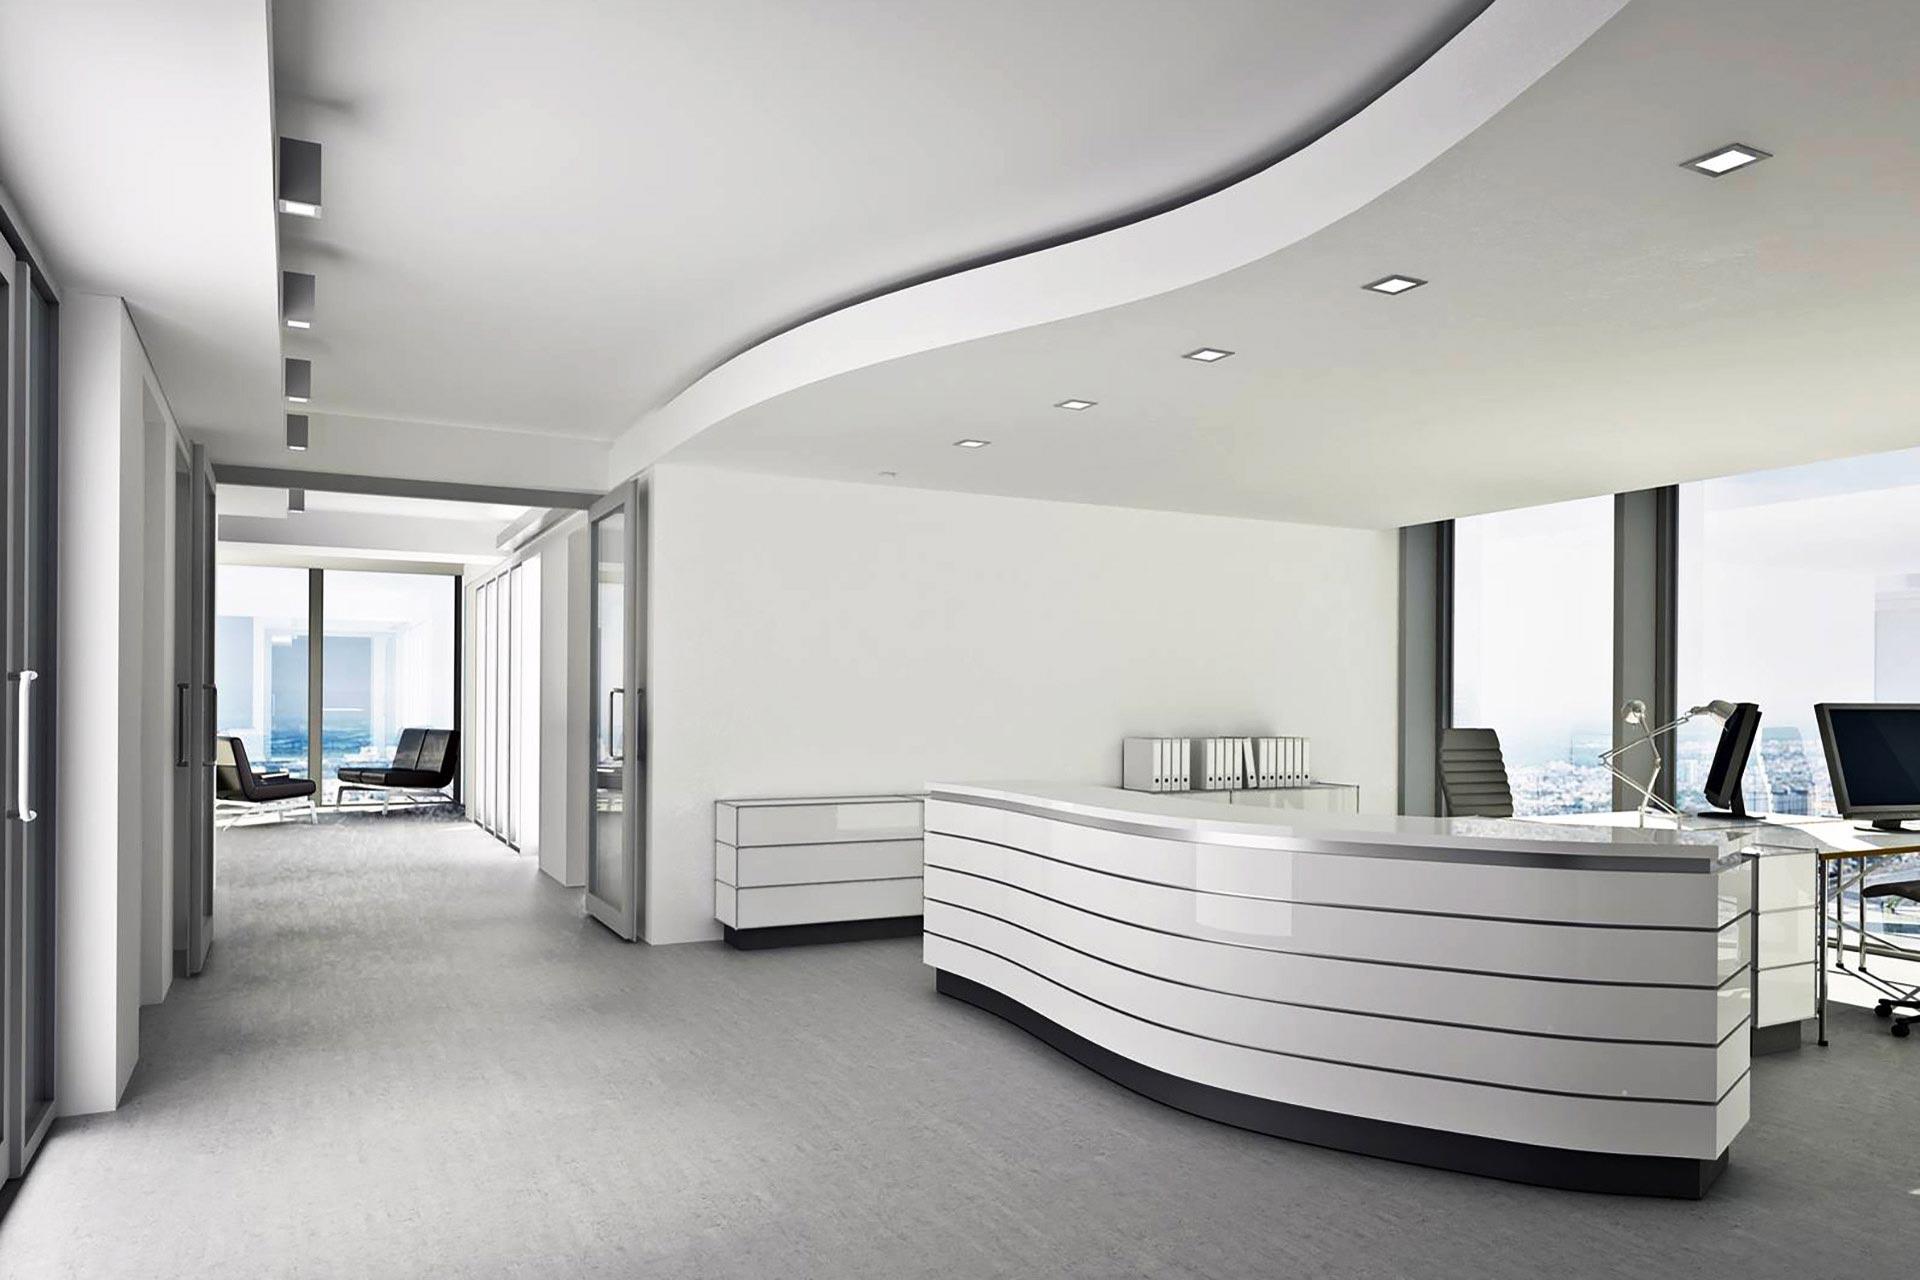 etaLight Empfangsbereich Kunden